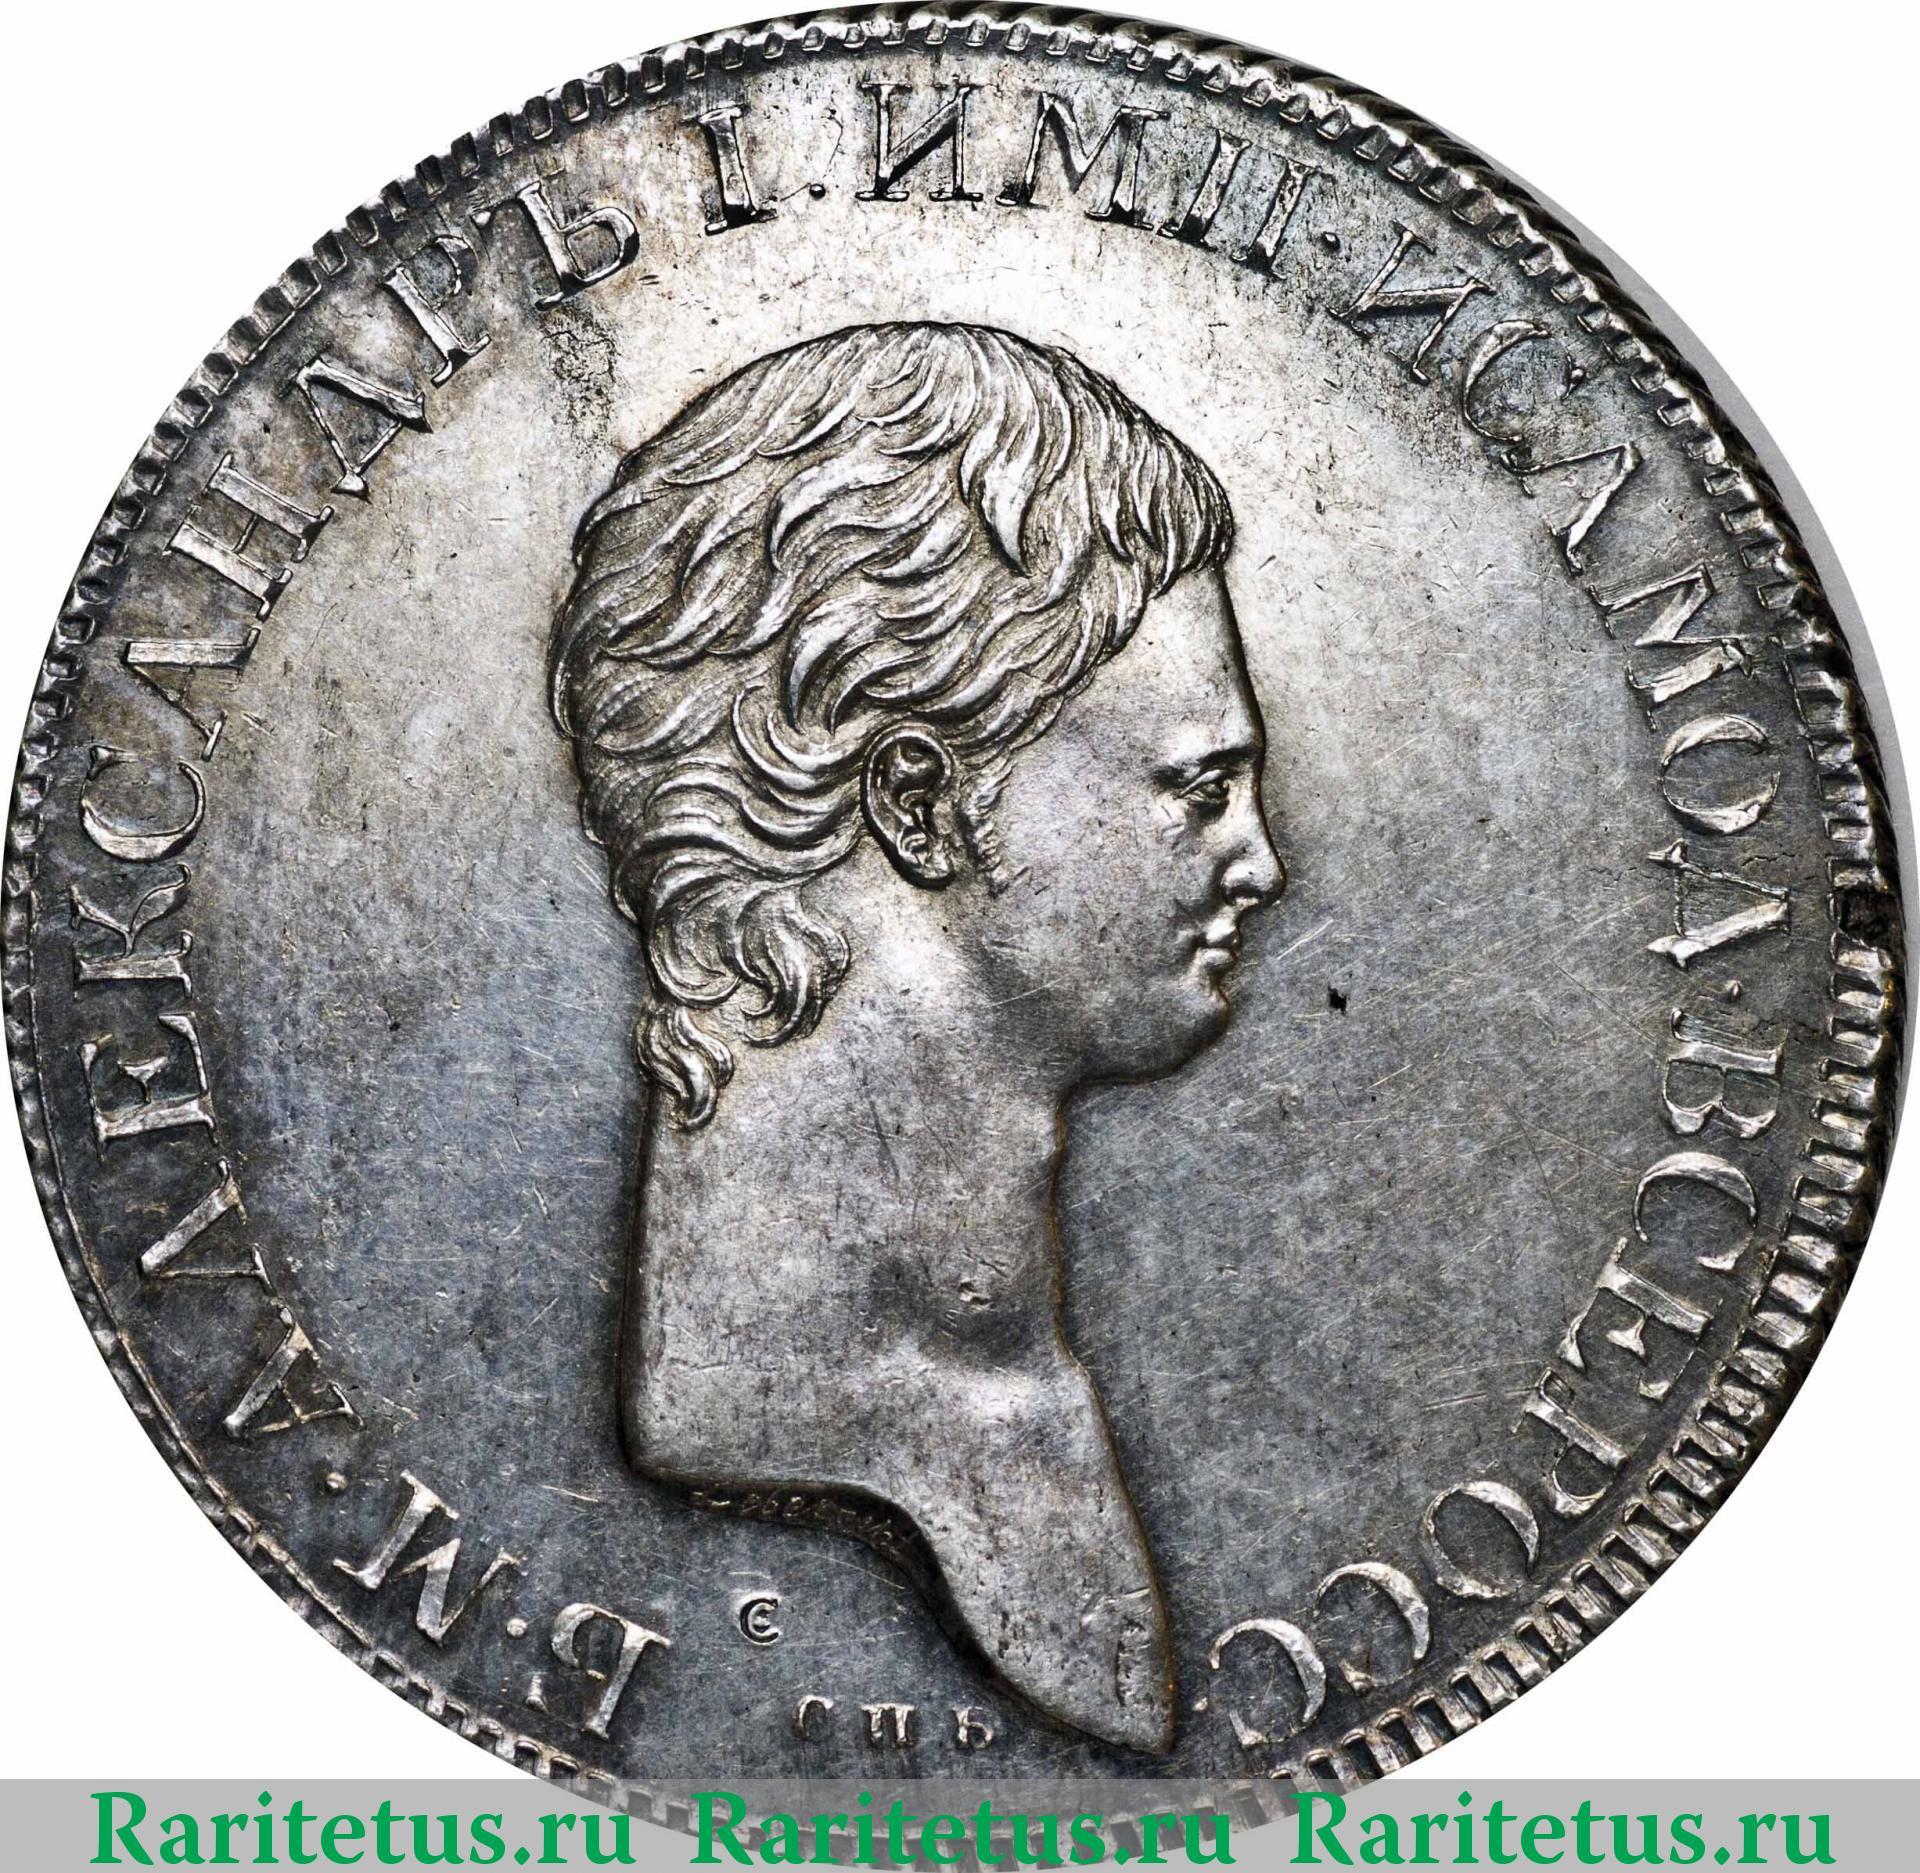 10 рублевые монеты 2016 2017